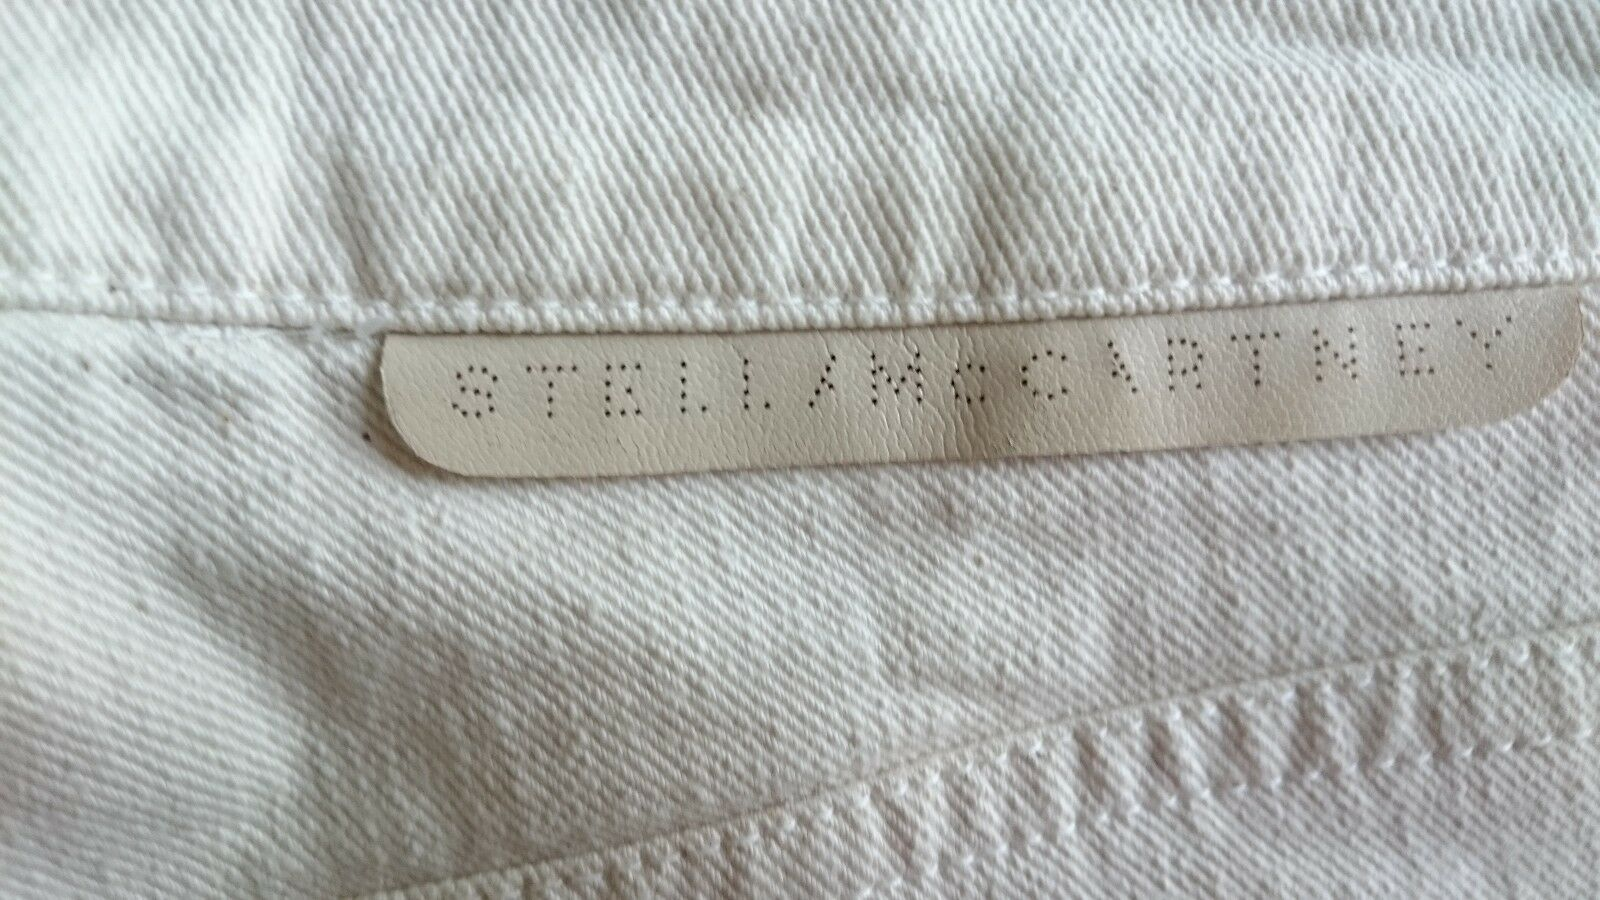 STELLA Mc CARTNEY Jeans, Taglia Taglia Taglia 26 W27,L28 Mid salire, slim fit, zip alla caviglia, MADE IN ITALY c47cfd